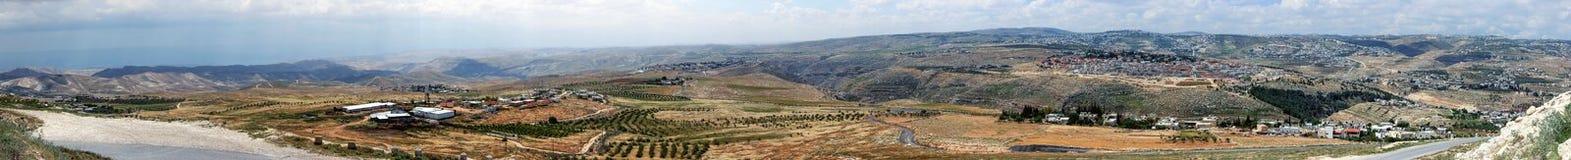 Désert de Judaean près à Jérusalem, Israël Vue panoramique de mur de forteresse de Herodium Herodion images libres de droits